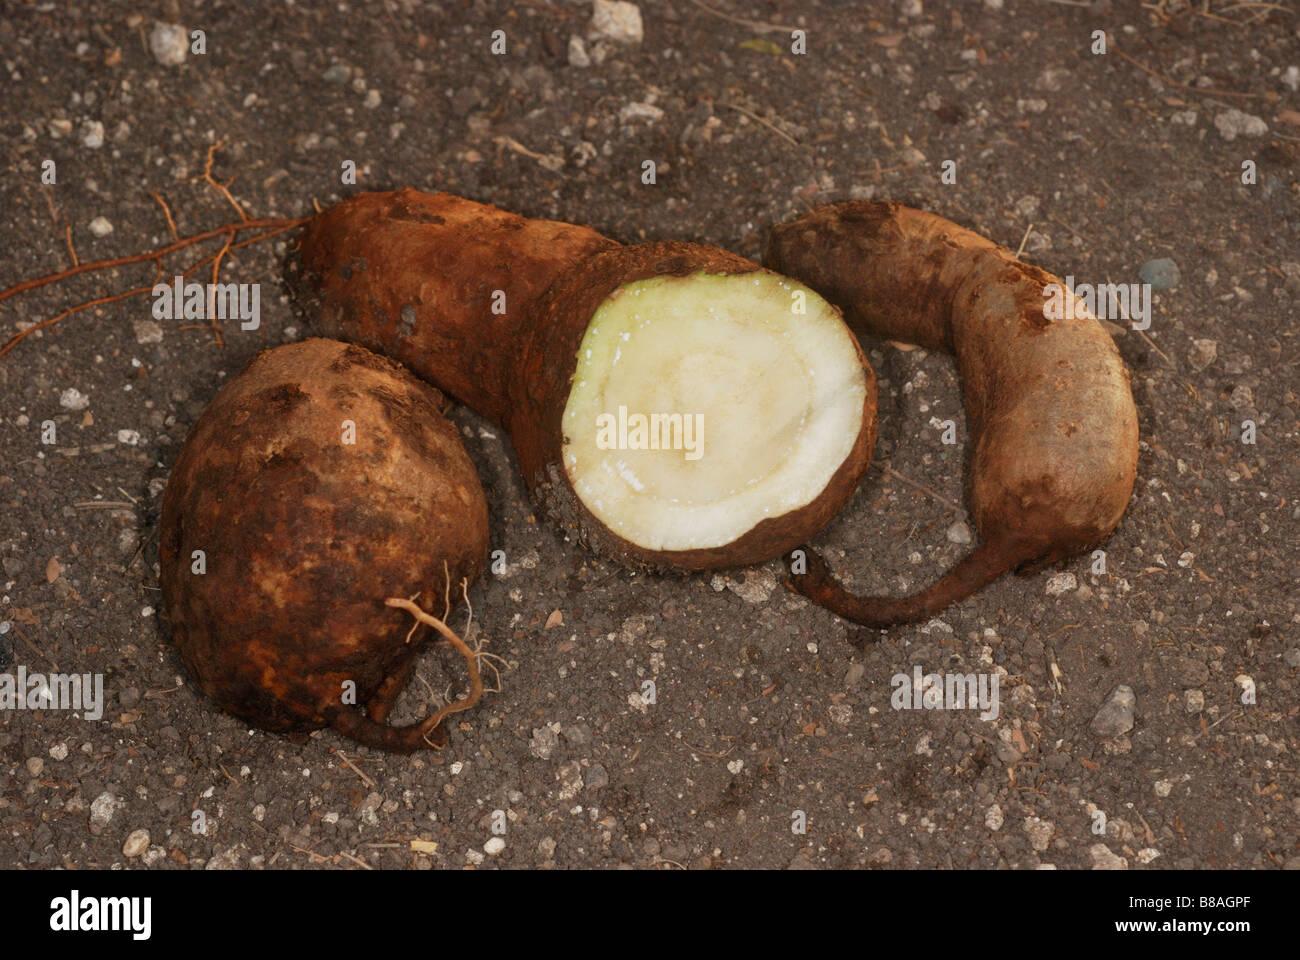 The tuberous root of Ipomoea mauritiana, the giant potato called vidari kand in Maharashtra. Stock Photo